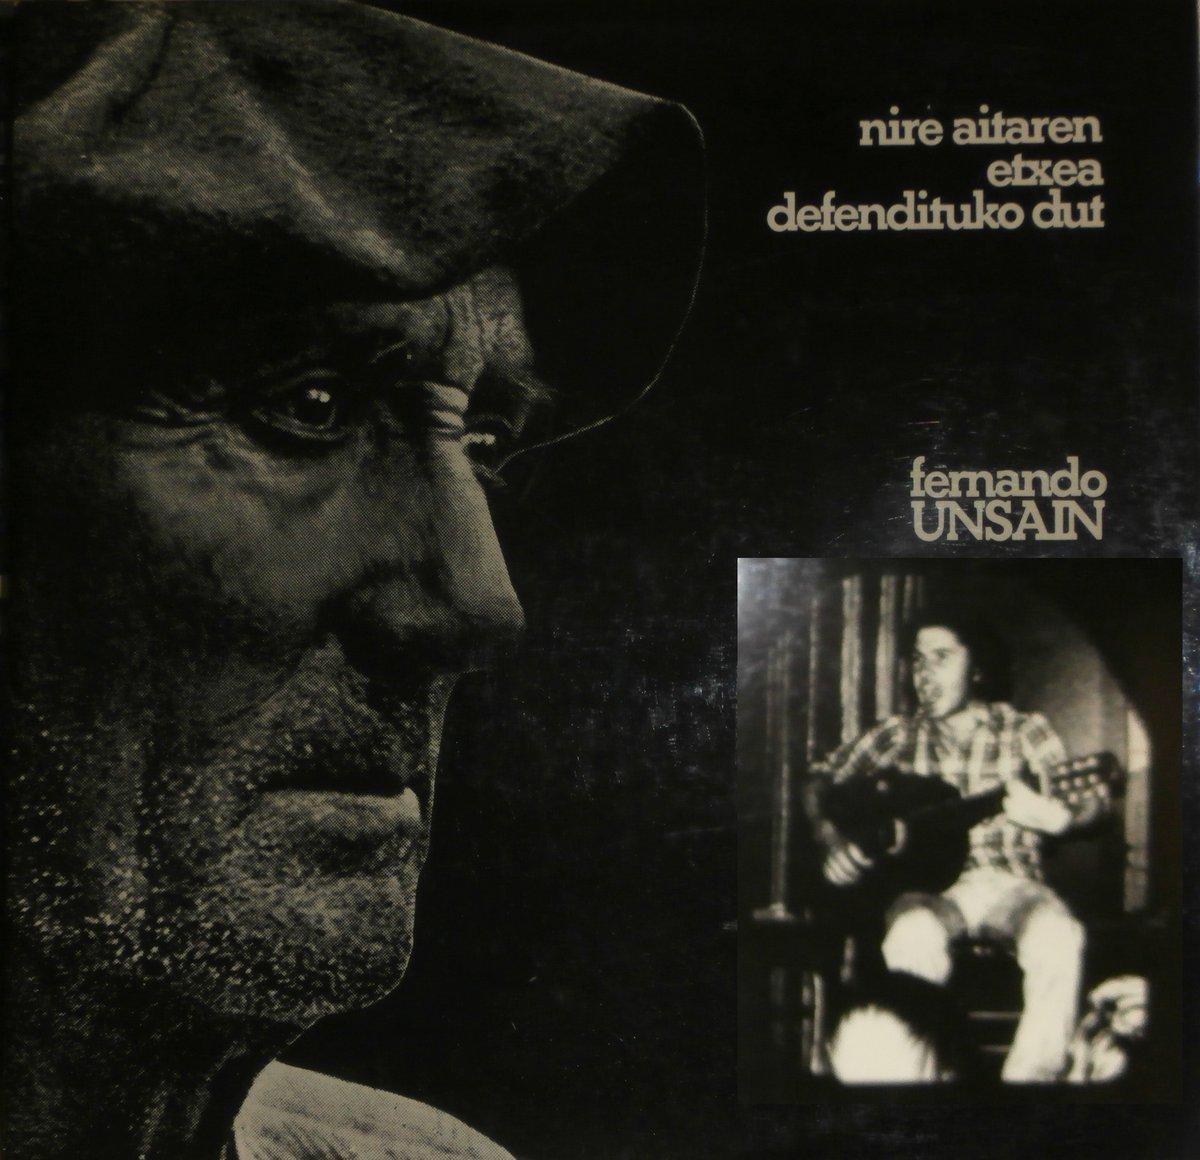 """#gaurkodiskoa """"Nire aitaren etxea defendituko dut"""" (Fernando Unsain, 1976) 🎧 http://www.badok.eus/euskal-musika/fernando-unsain/nire-aitaren-etxea-defendituko-dut…"""